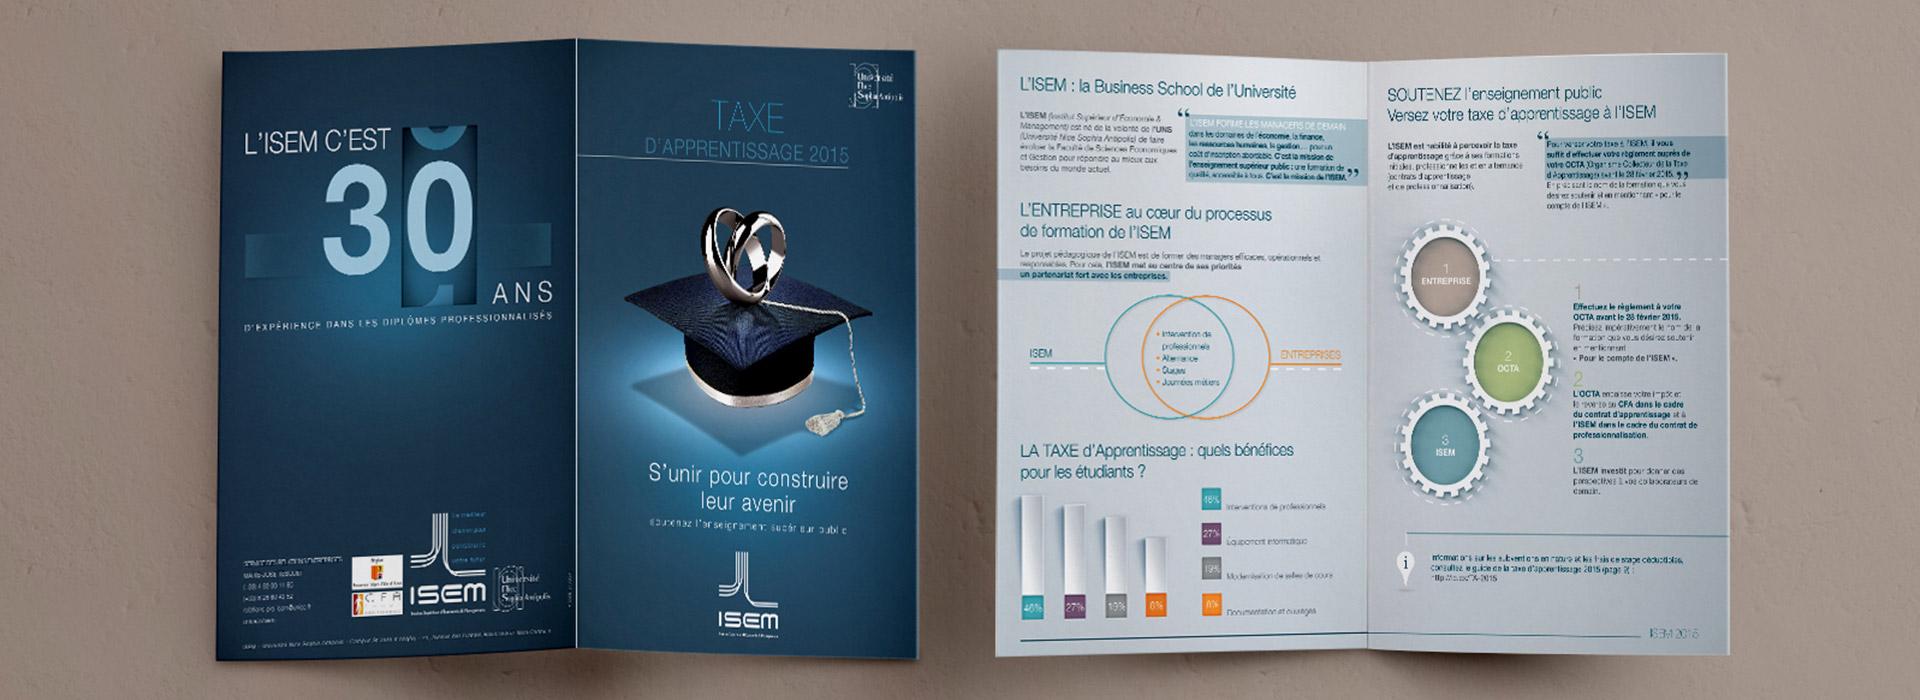 http://depliant-taxe-apprentissage-isem-web